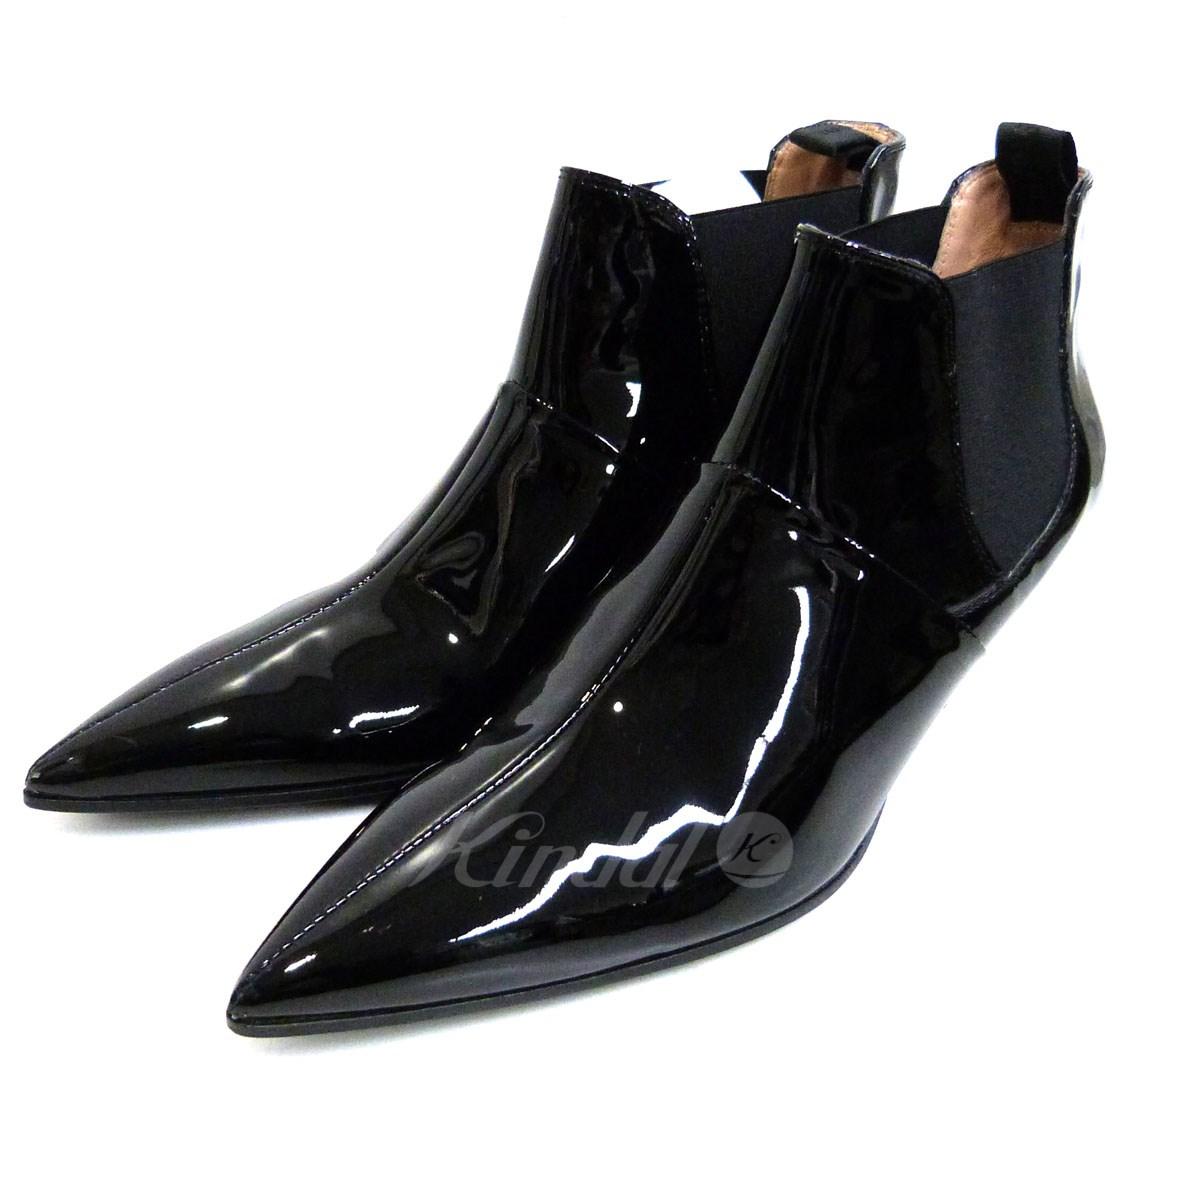 【中古】ACNE STUDIOS 18SS 「Kytti Pants」パテントショートブーツ ブラック サイズ:37 【送料無料】 【100419】(アクネストゥディオズ)